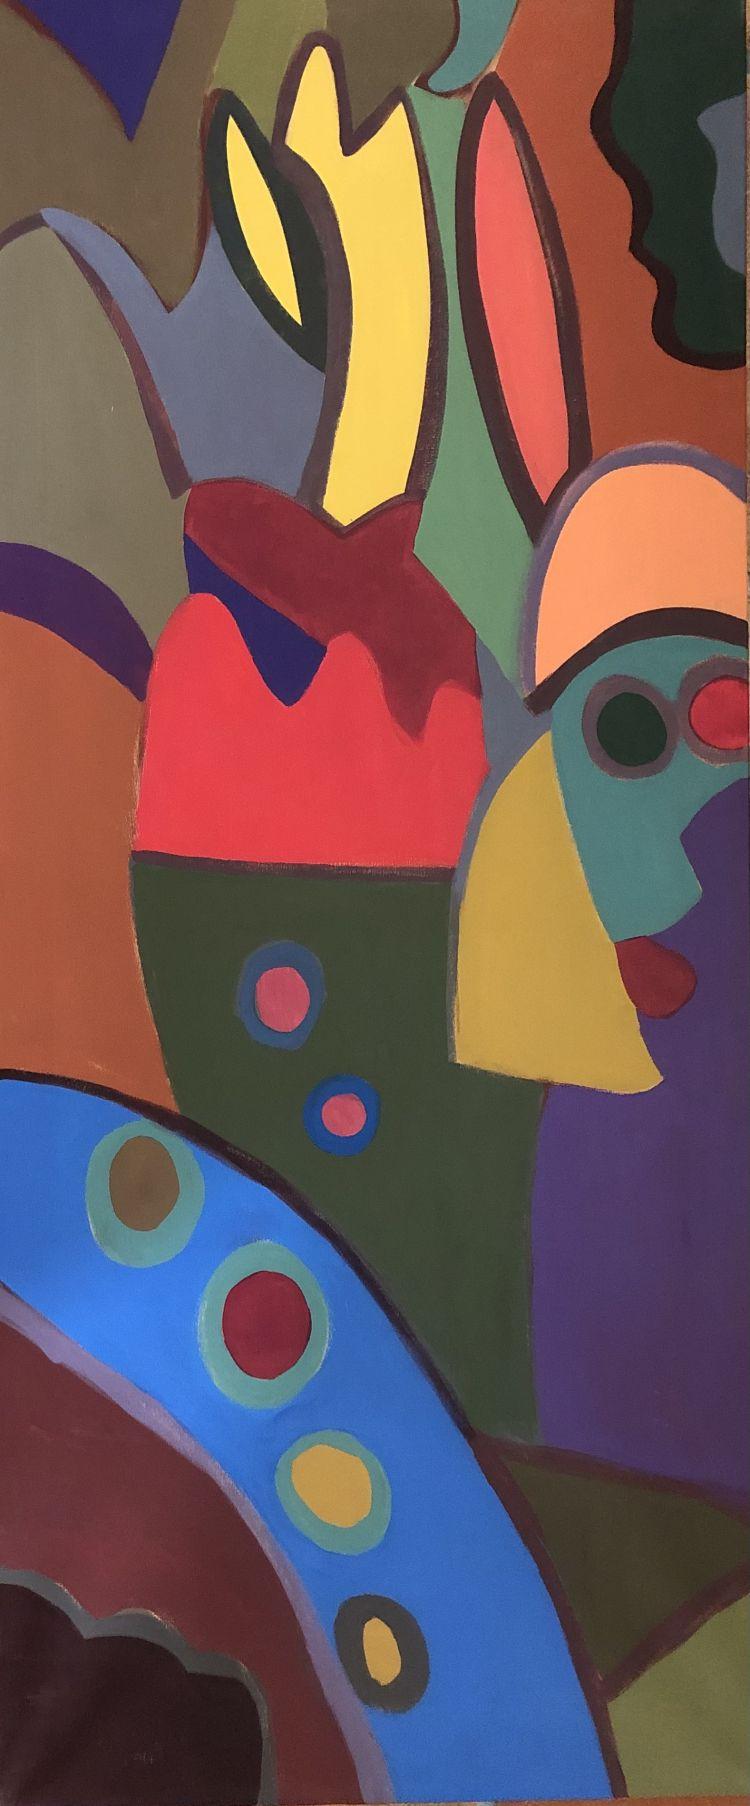 FONTANA Gian Battista FONTANA Gian Battista, 2008, acrilico su cotone, 140 x 60 cm